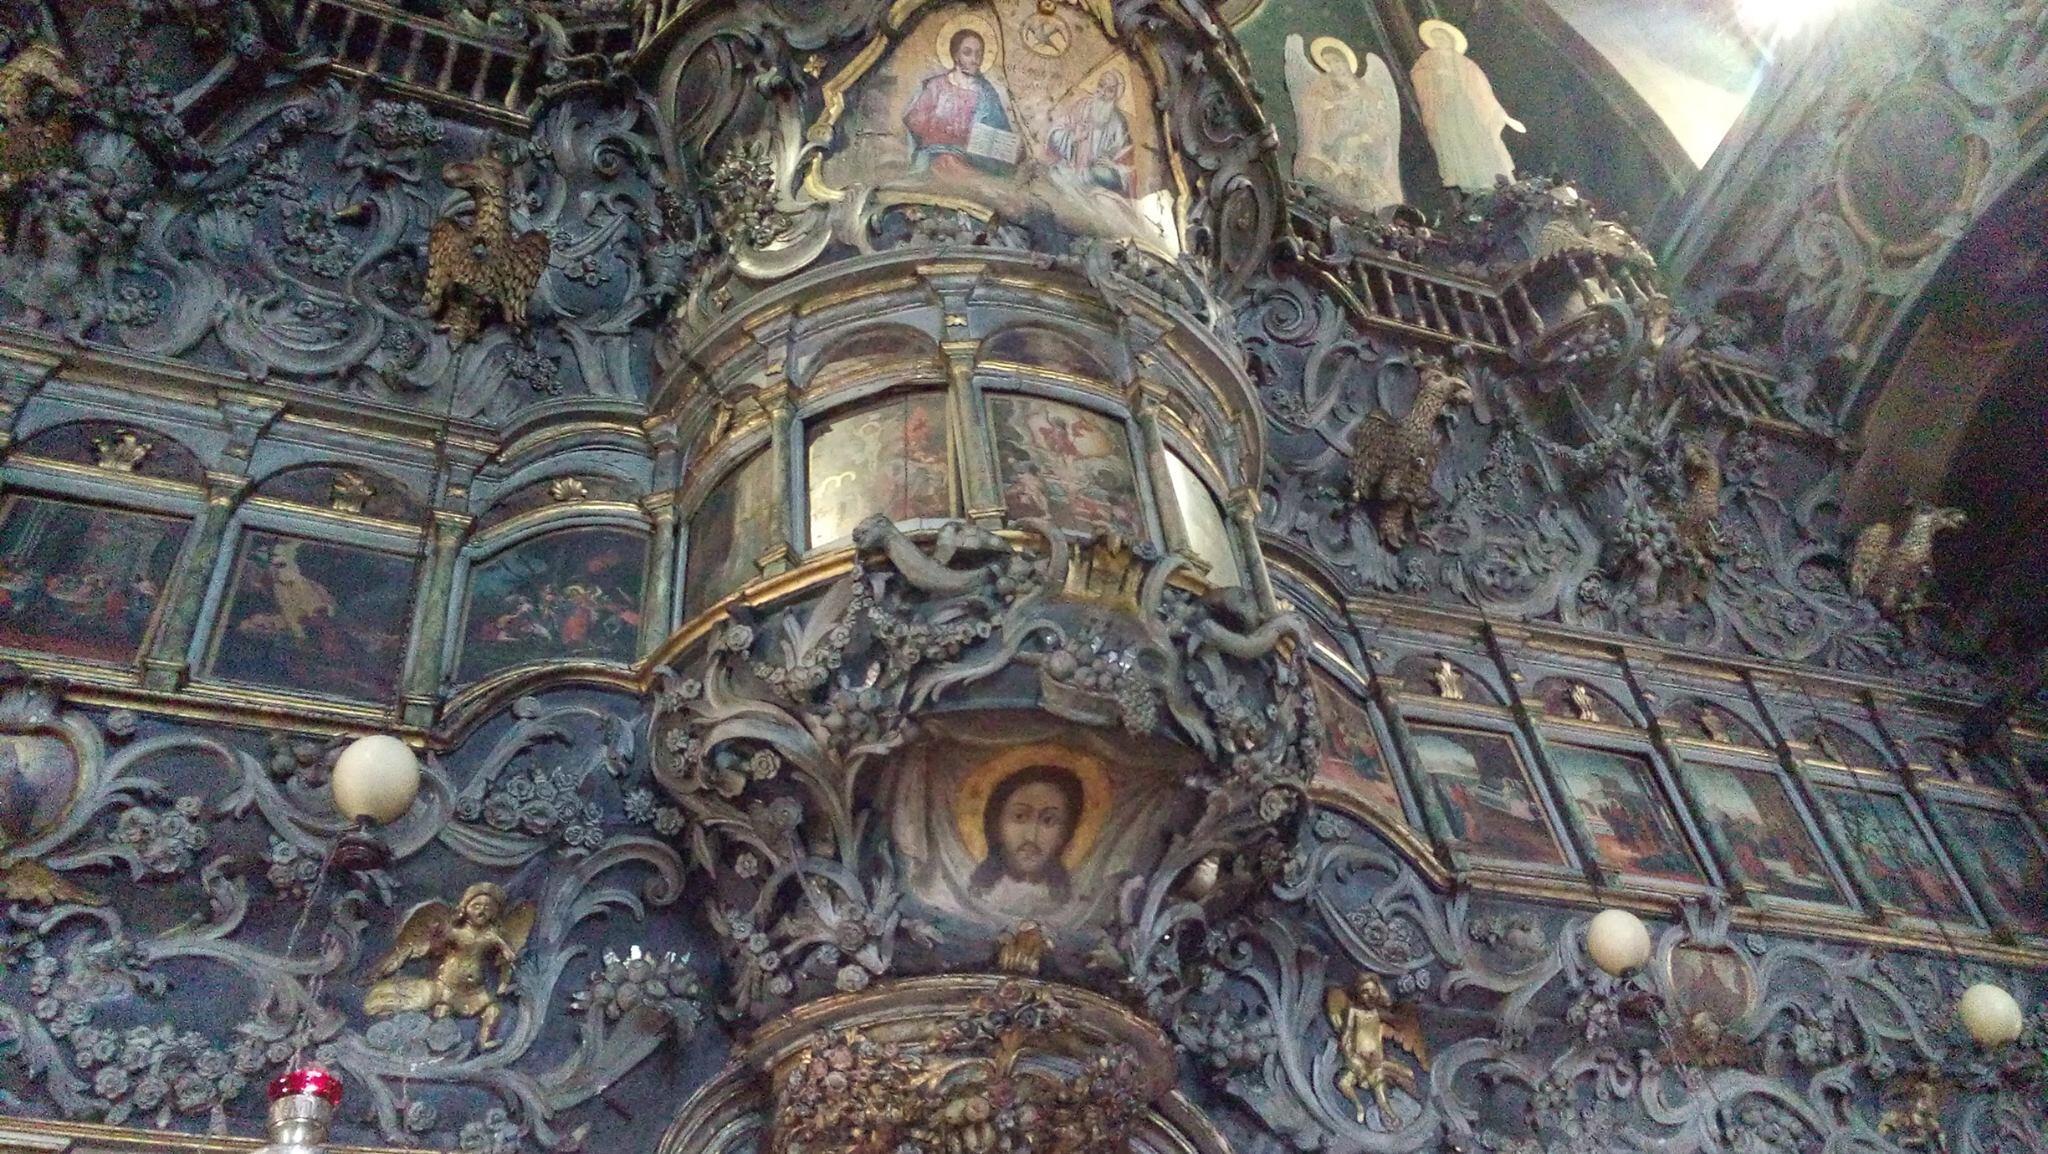 Τήνος: Συνεχίζεται το προσκύνημα χιλιάδων επισκεπτών στην Παναγία Μεγαλόχαρη